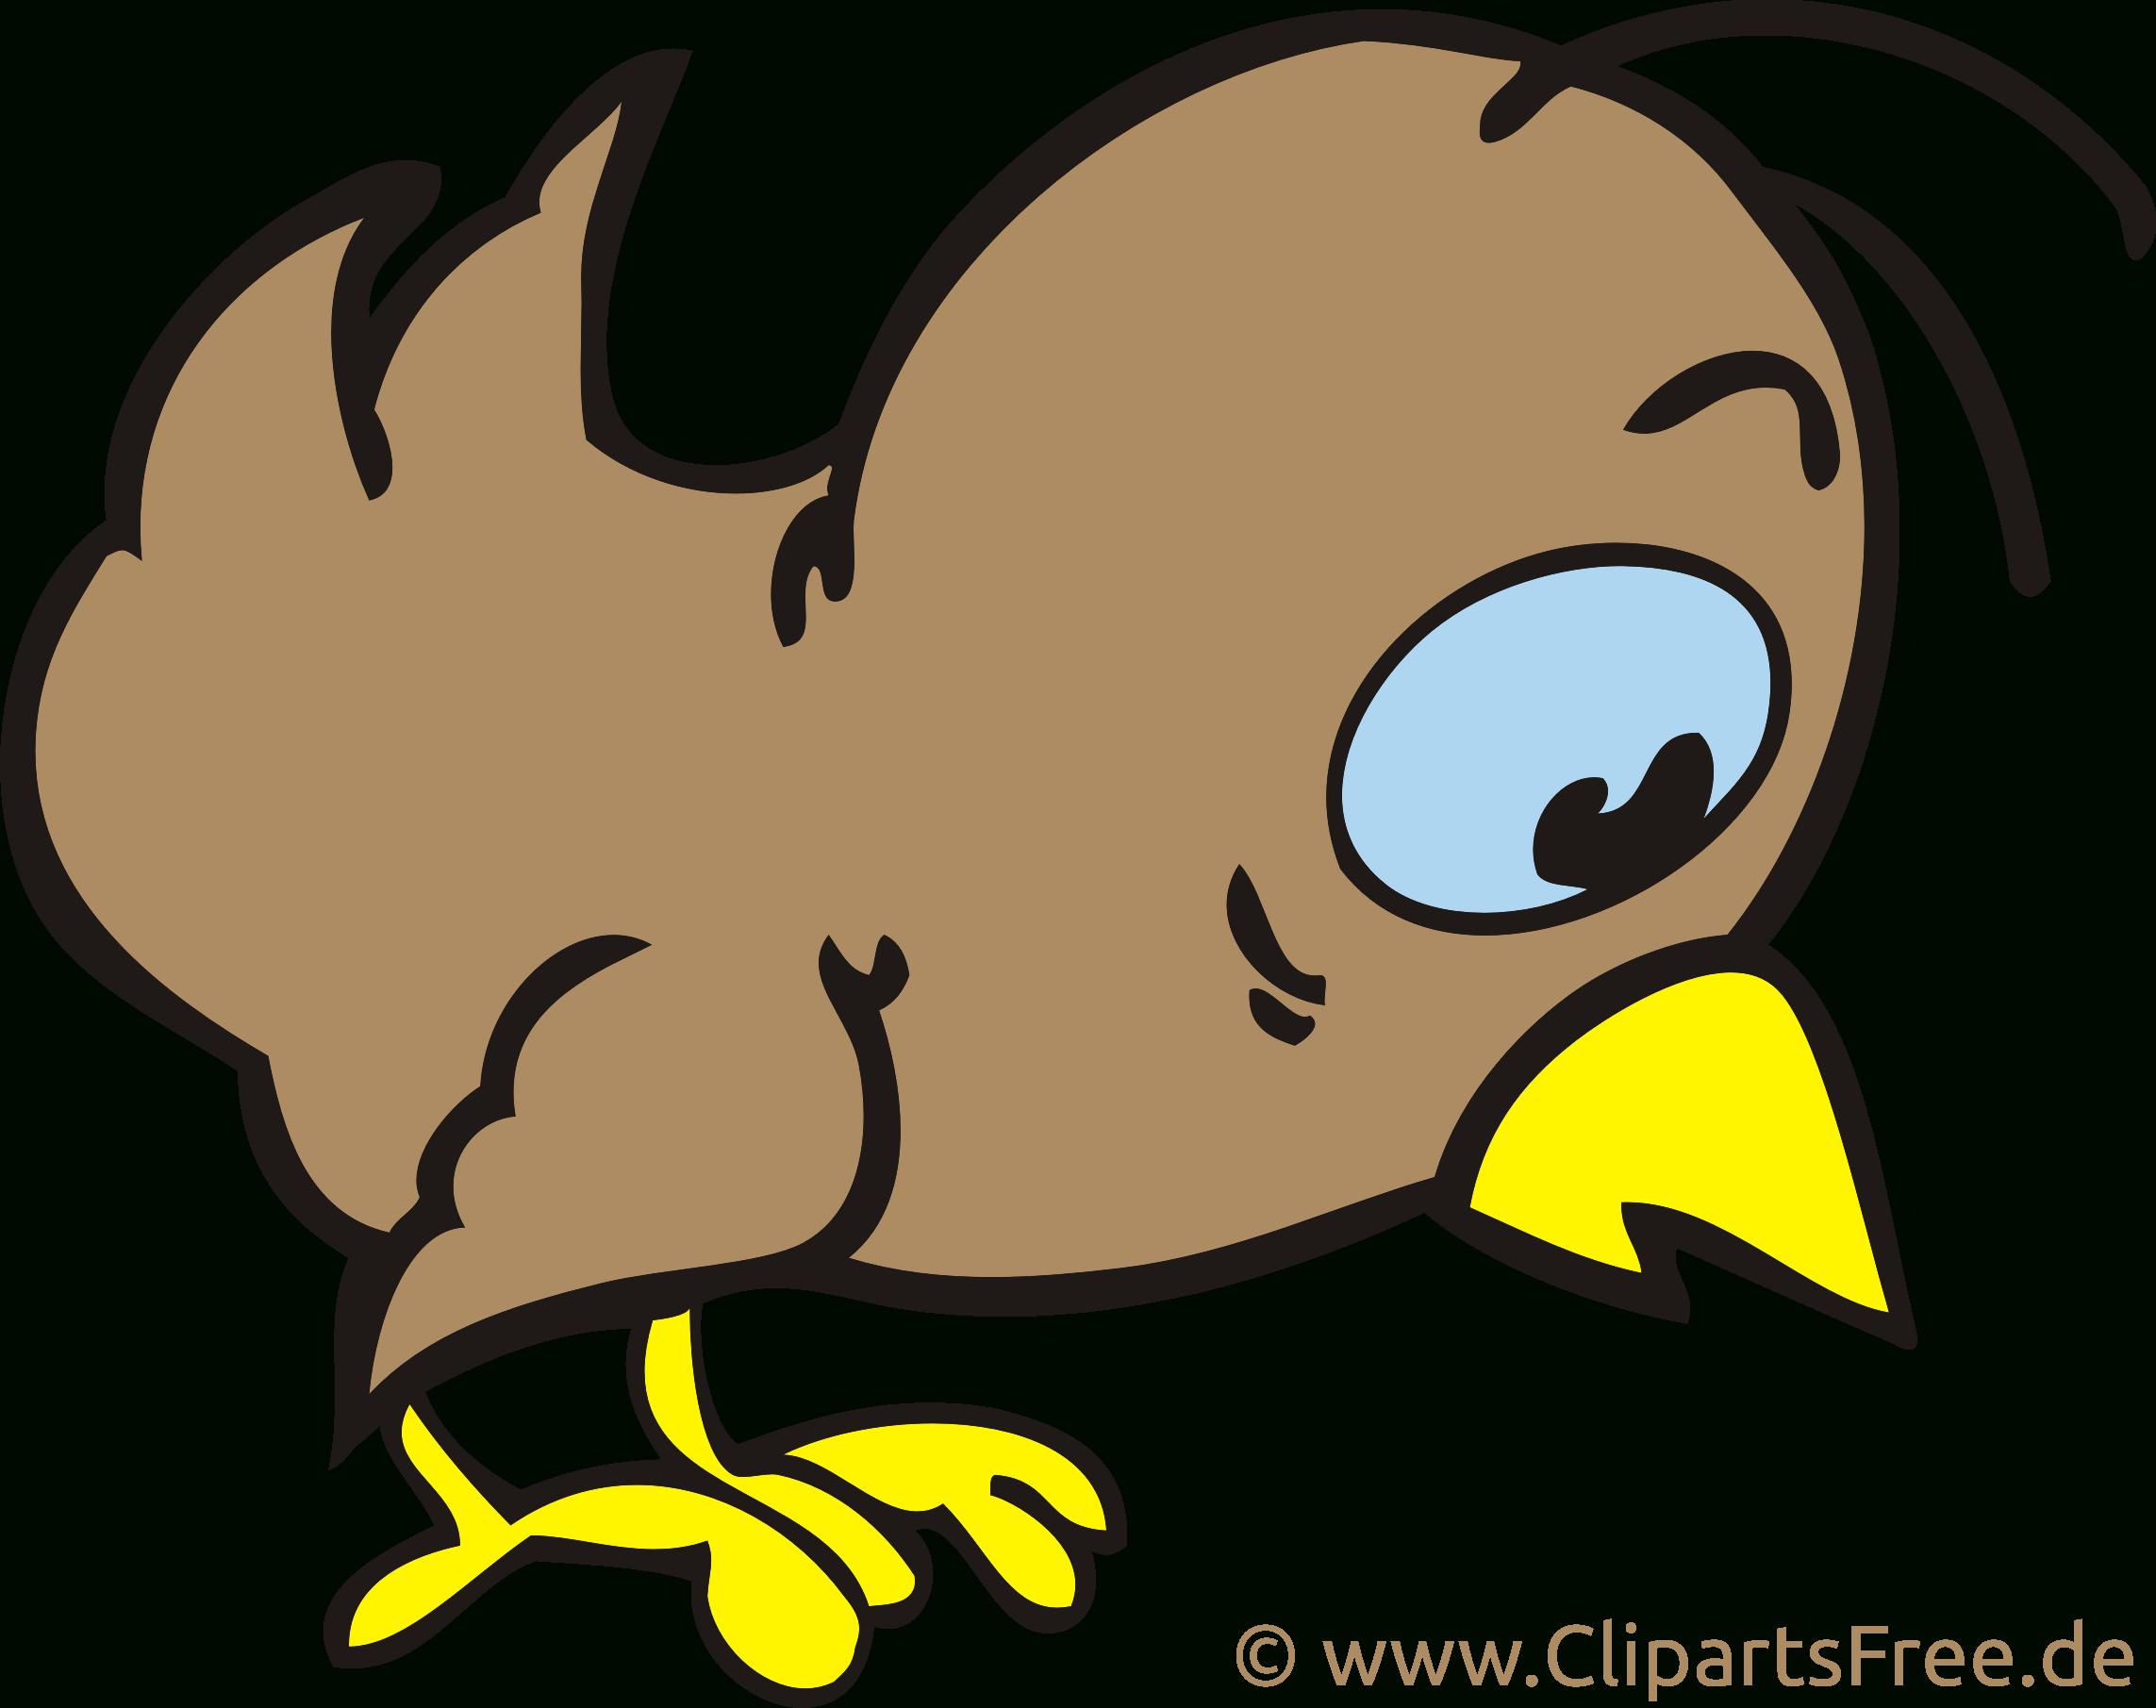 Oiseau Image Gratuite – Ferme Clipart - Ferme Dessin destiné Images D Oiseaux Gratuites